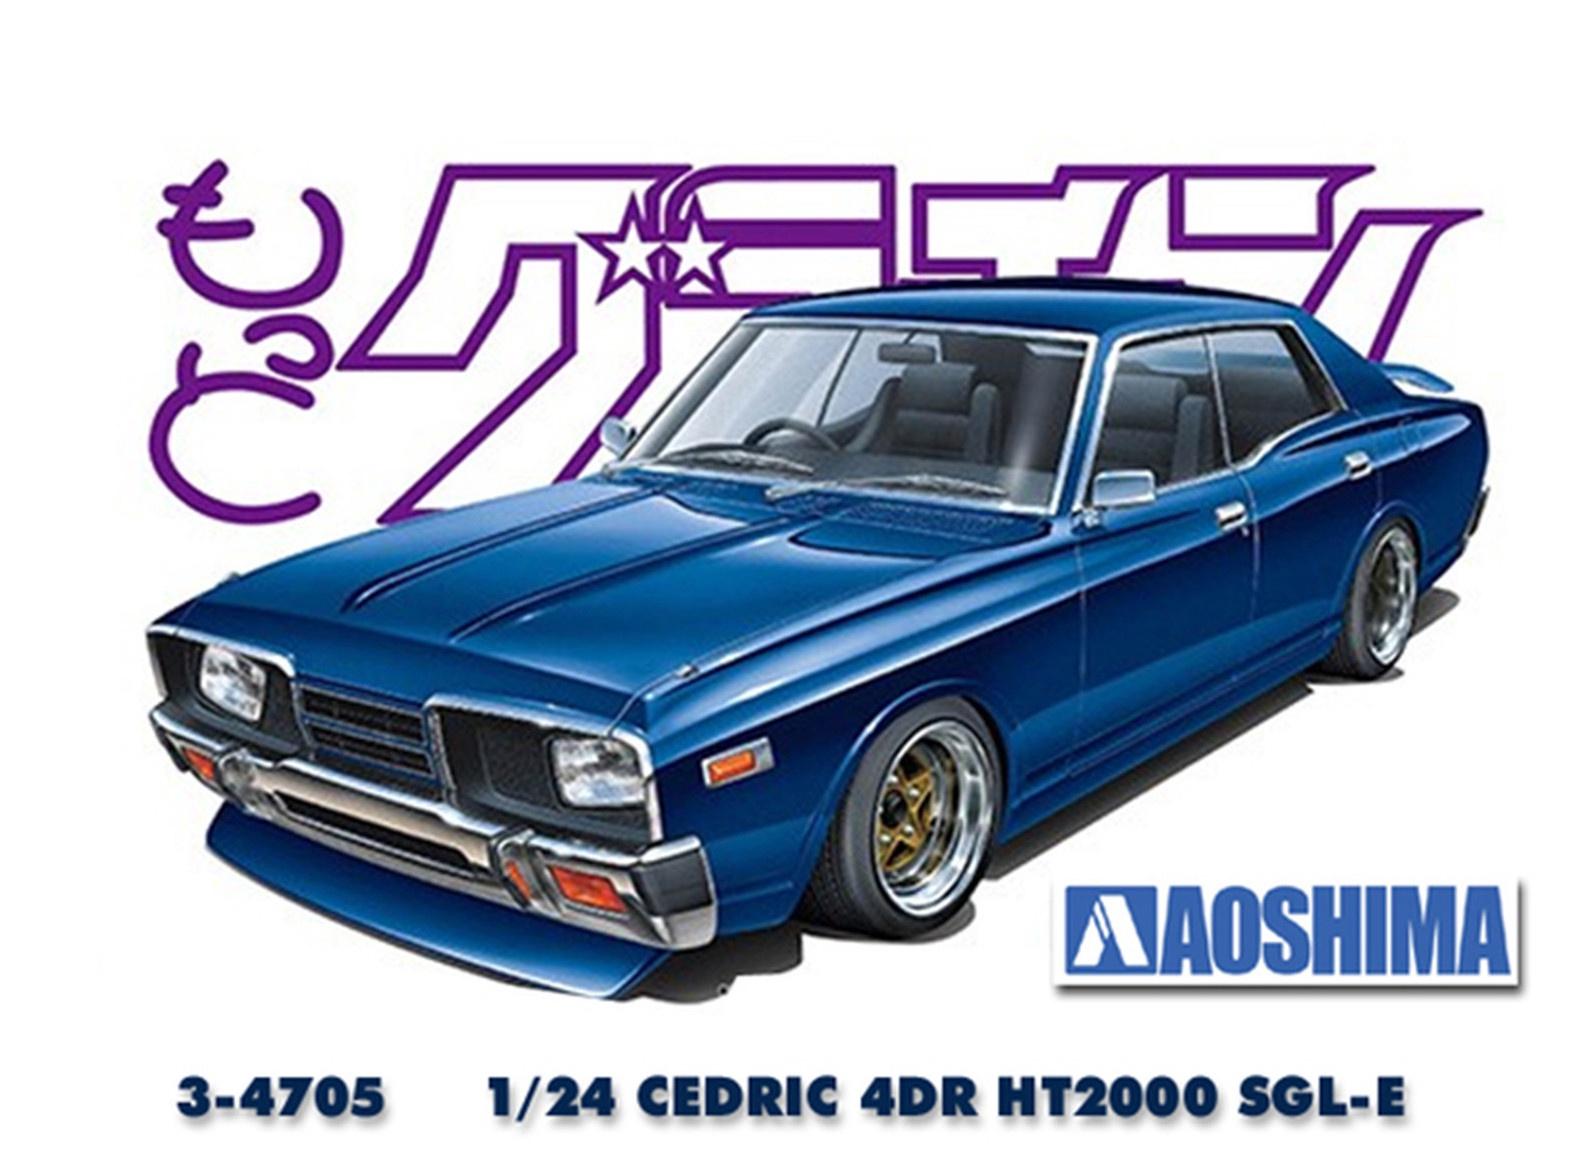 Aoshima #4705 1/24 Cedric HT 2000